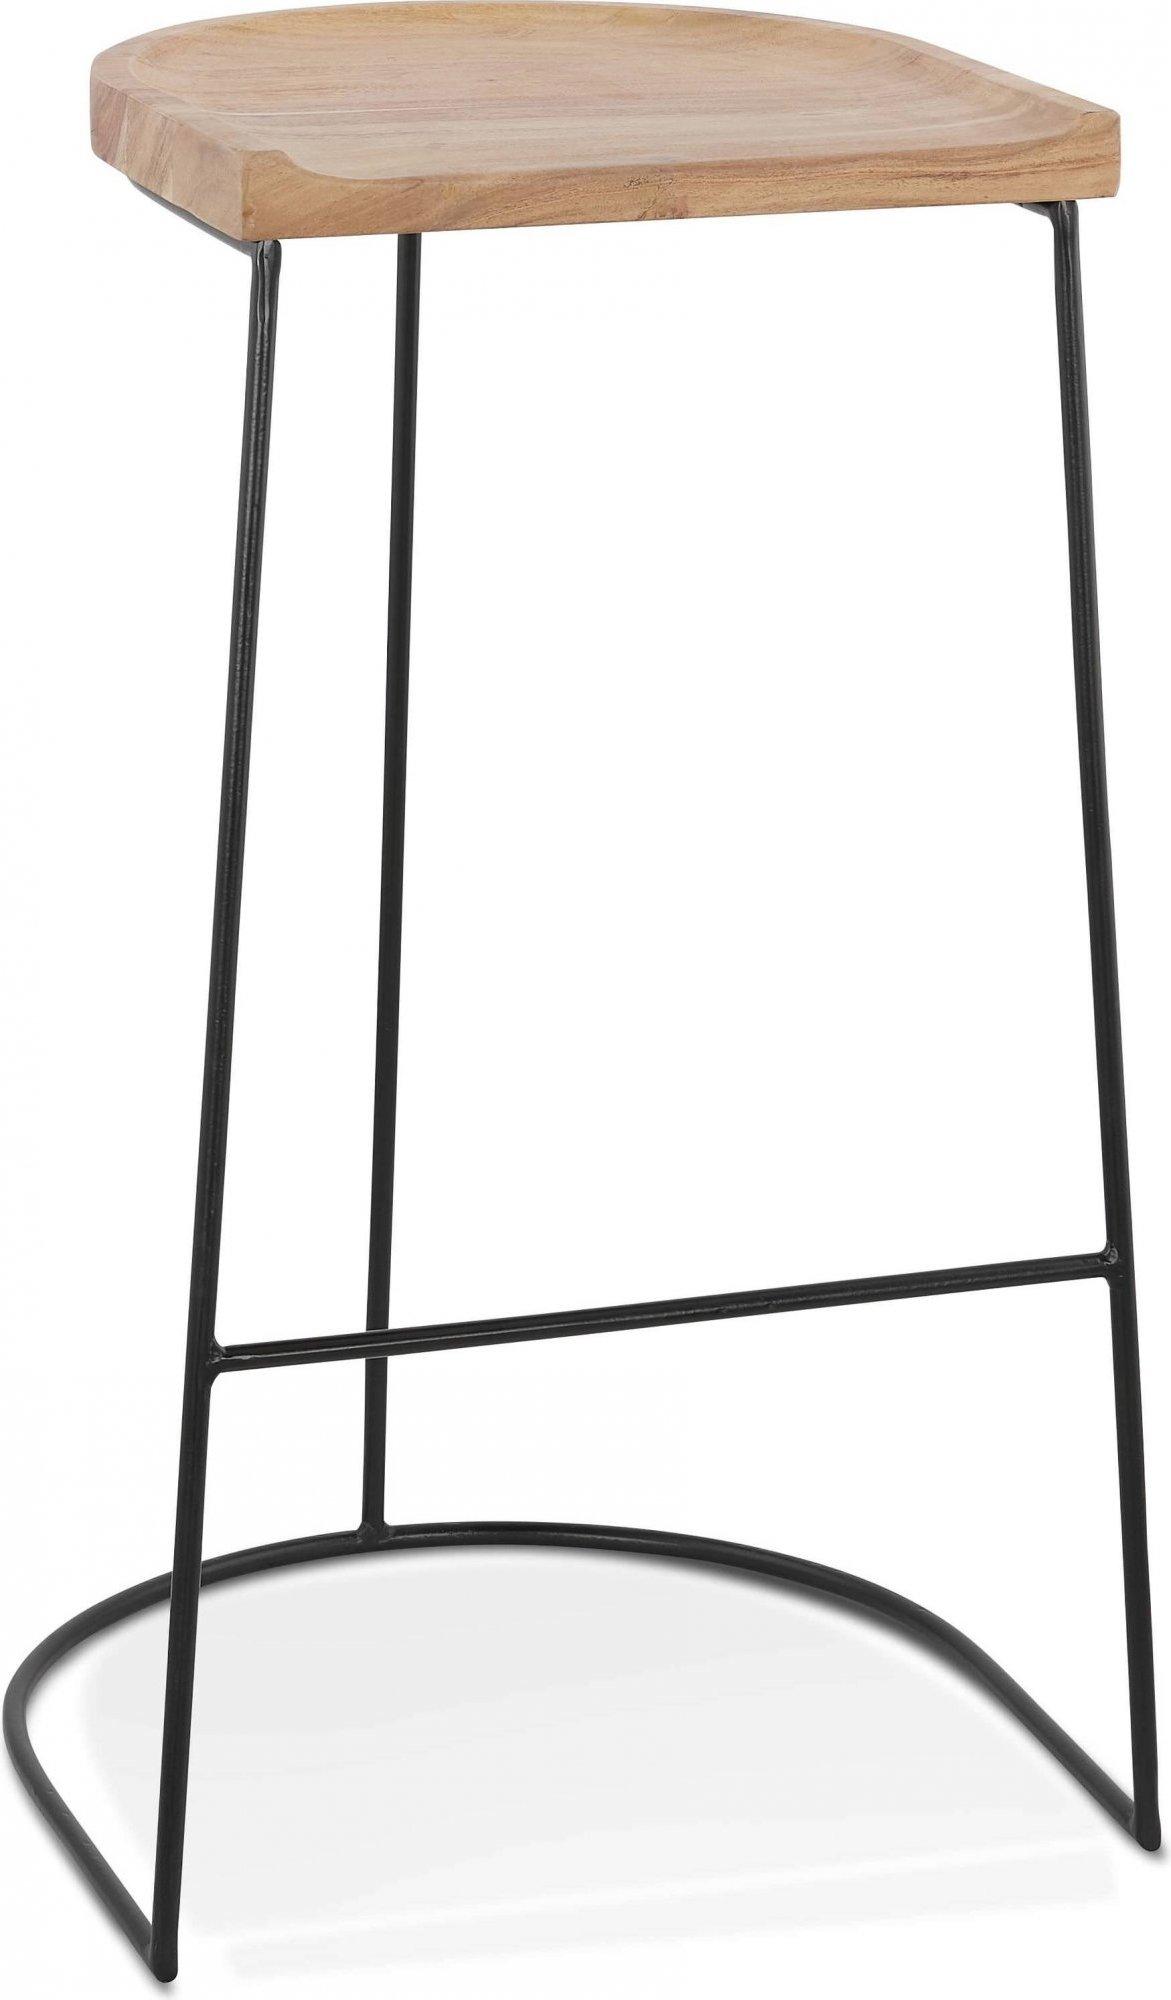 Tabouret de bar tradition assise bois clair h assise 79cm